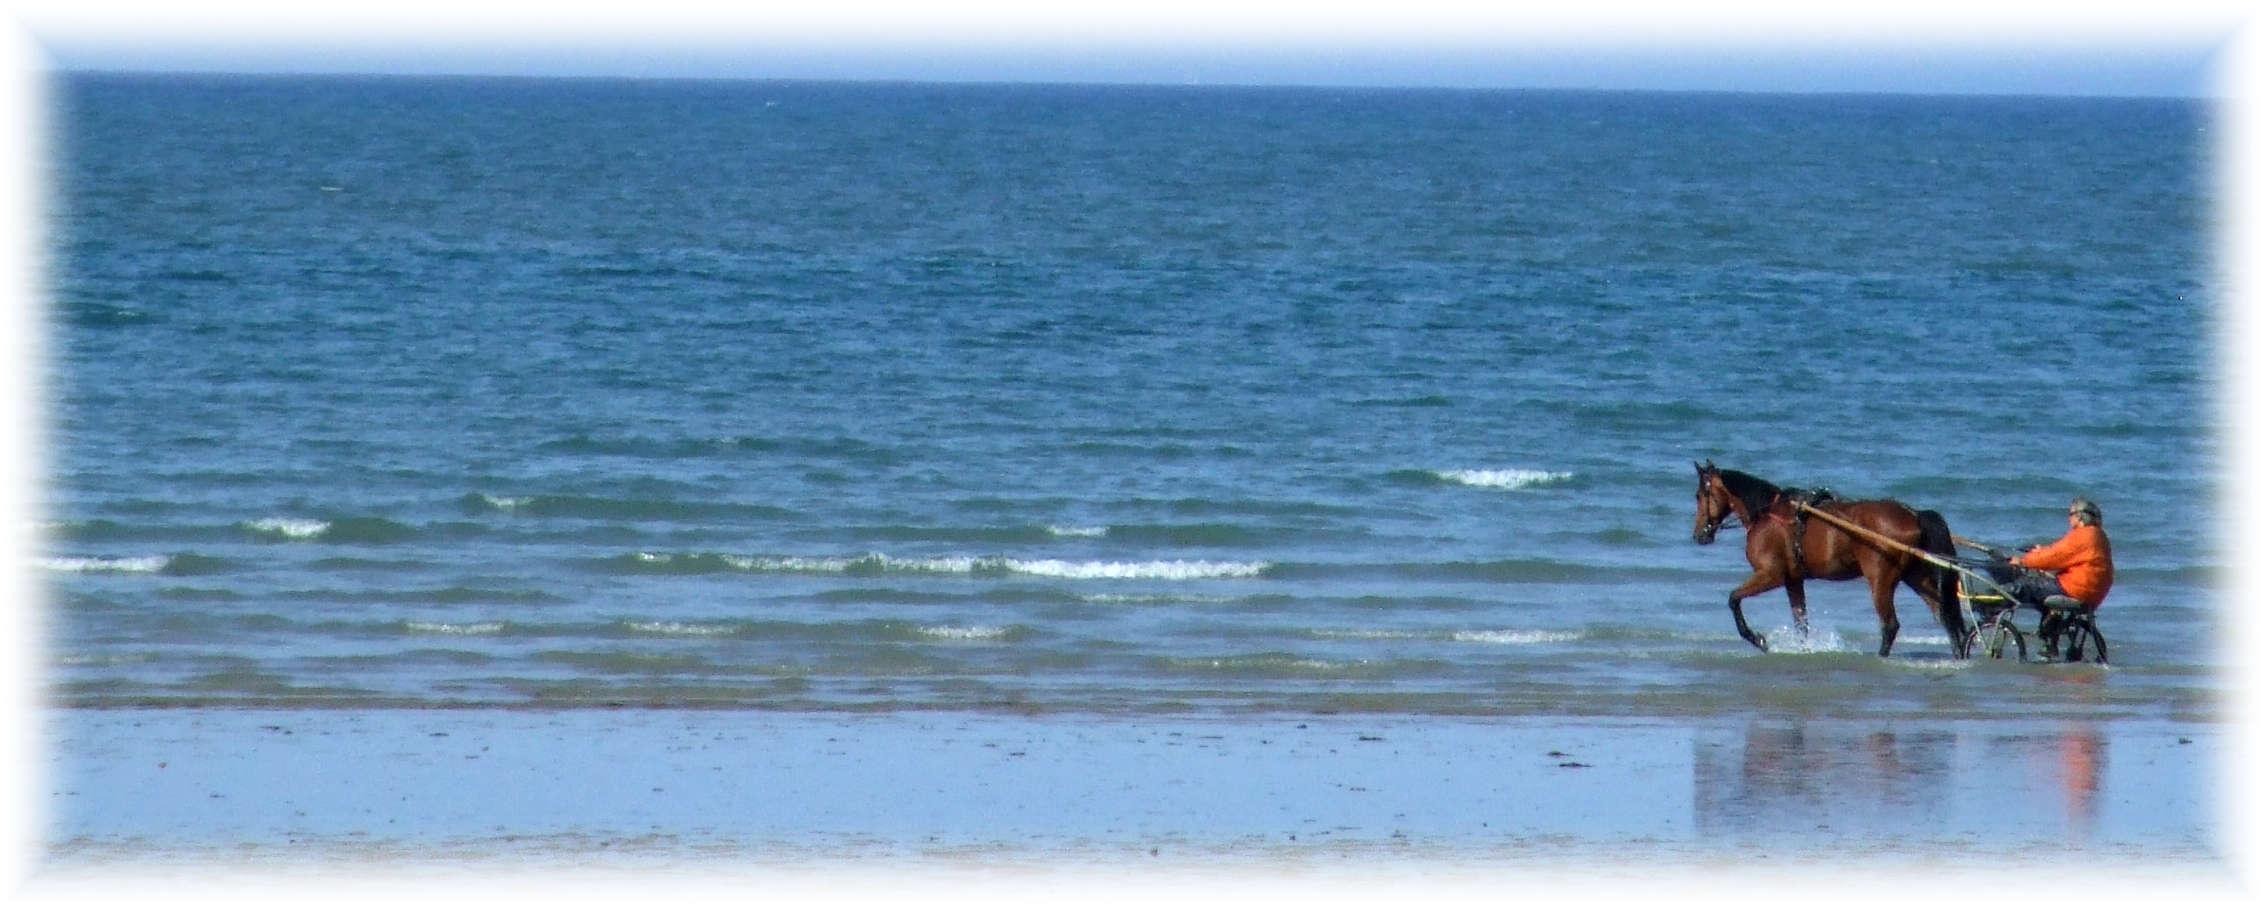 le cavalier des océans